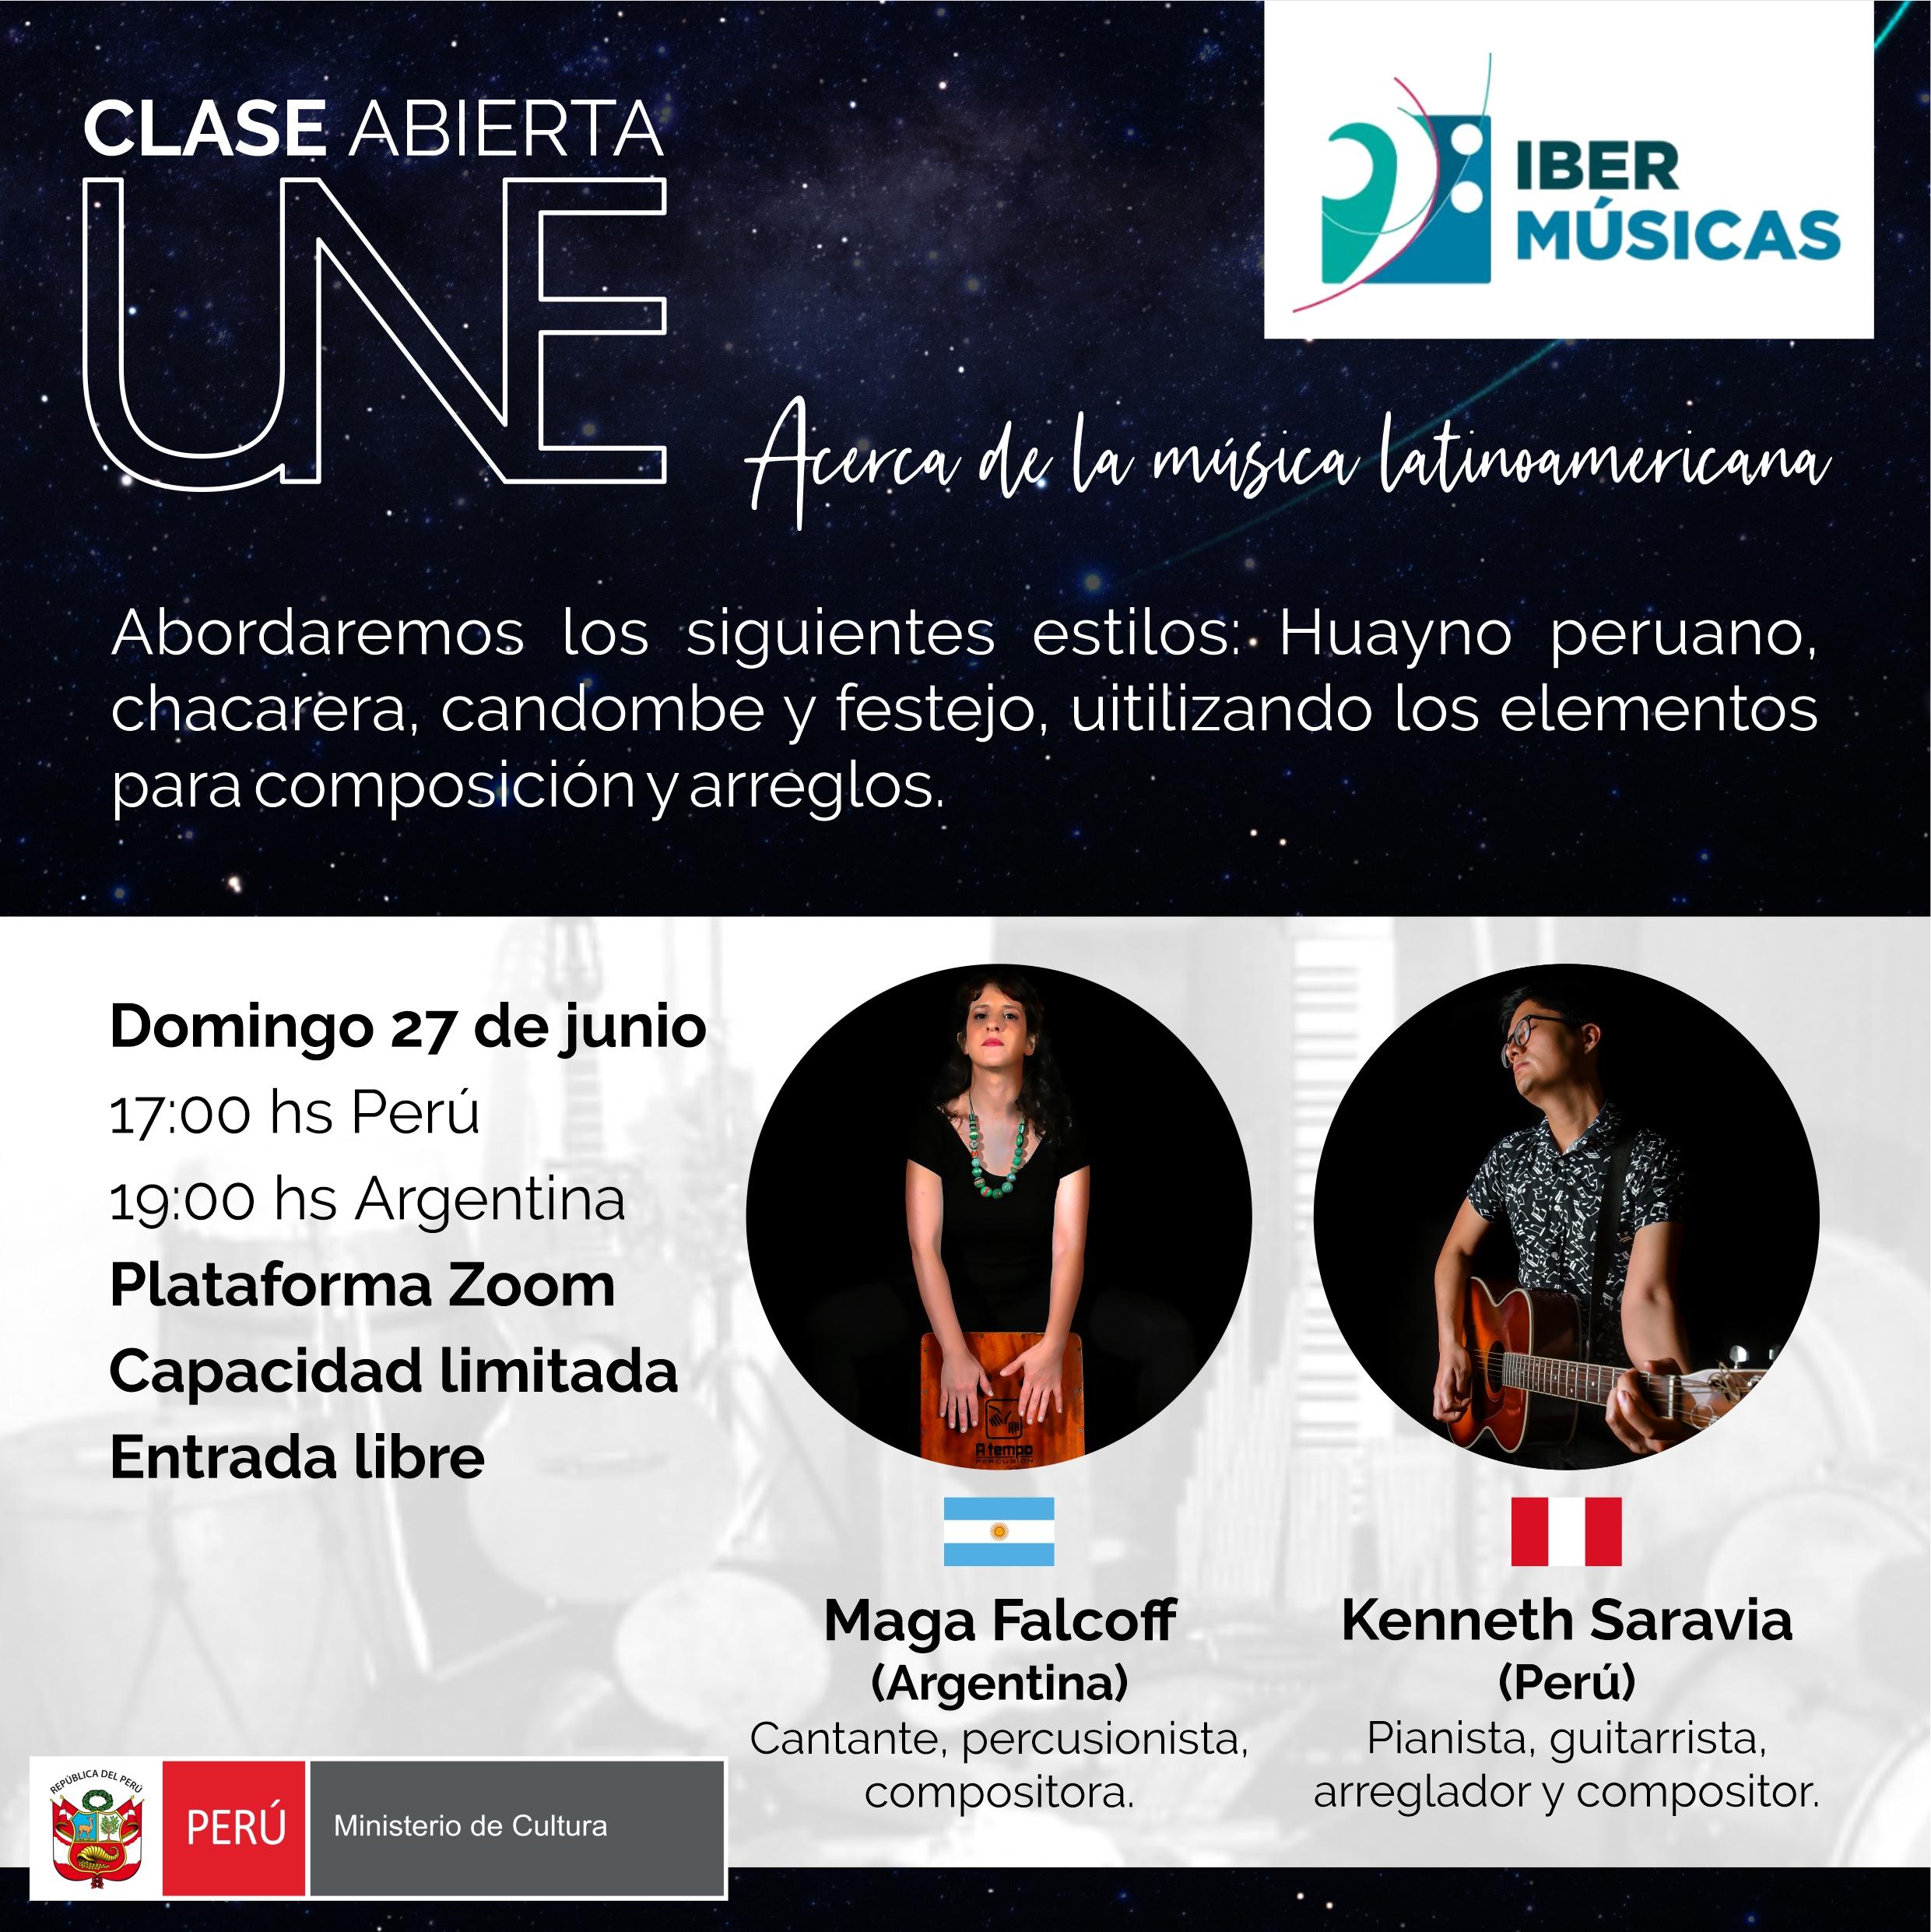 Maga Falcoff de Argentina y Kenneth Saravia de Perú se encuentran en UNE para brindar una clase abierta sobre ritmos y estilos latinoamericanos